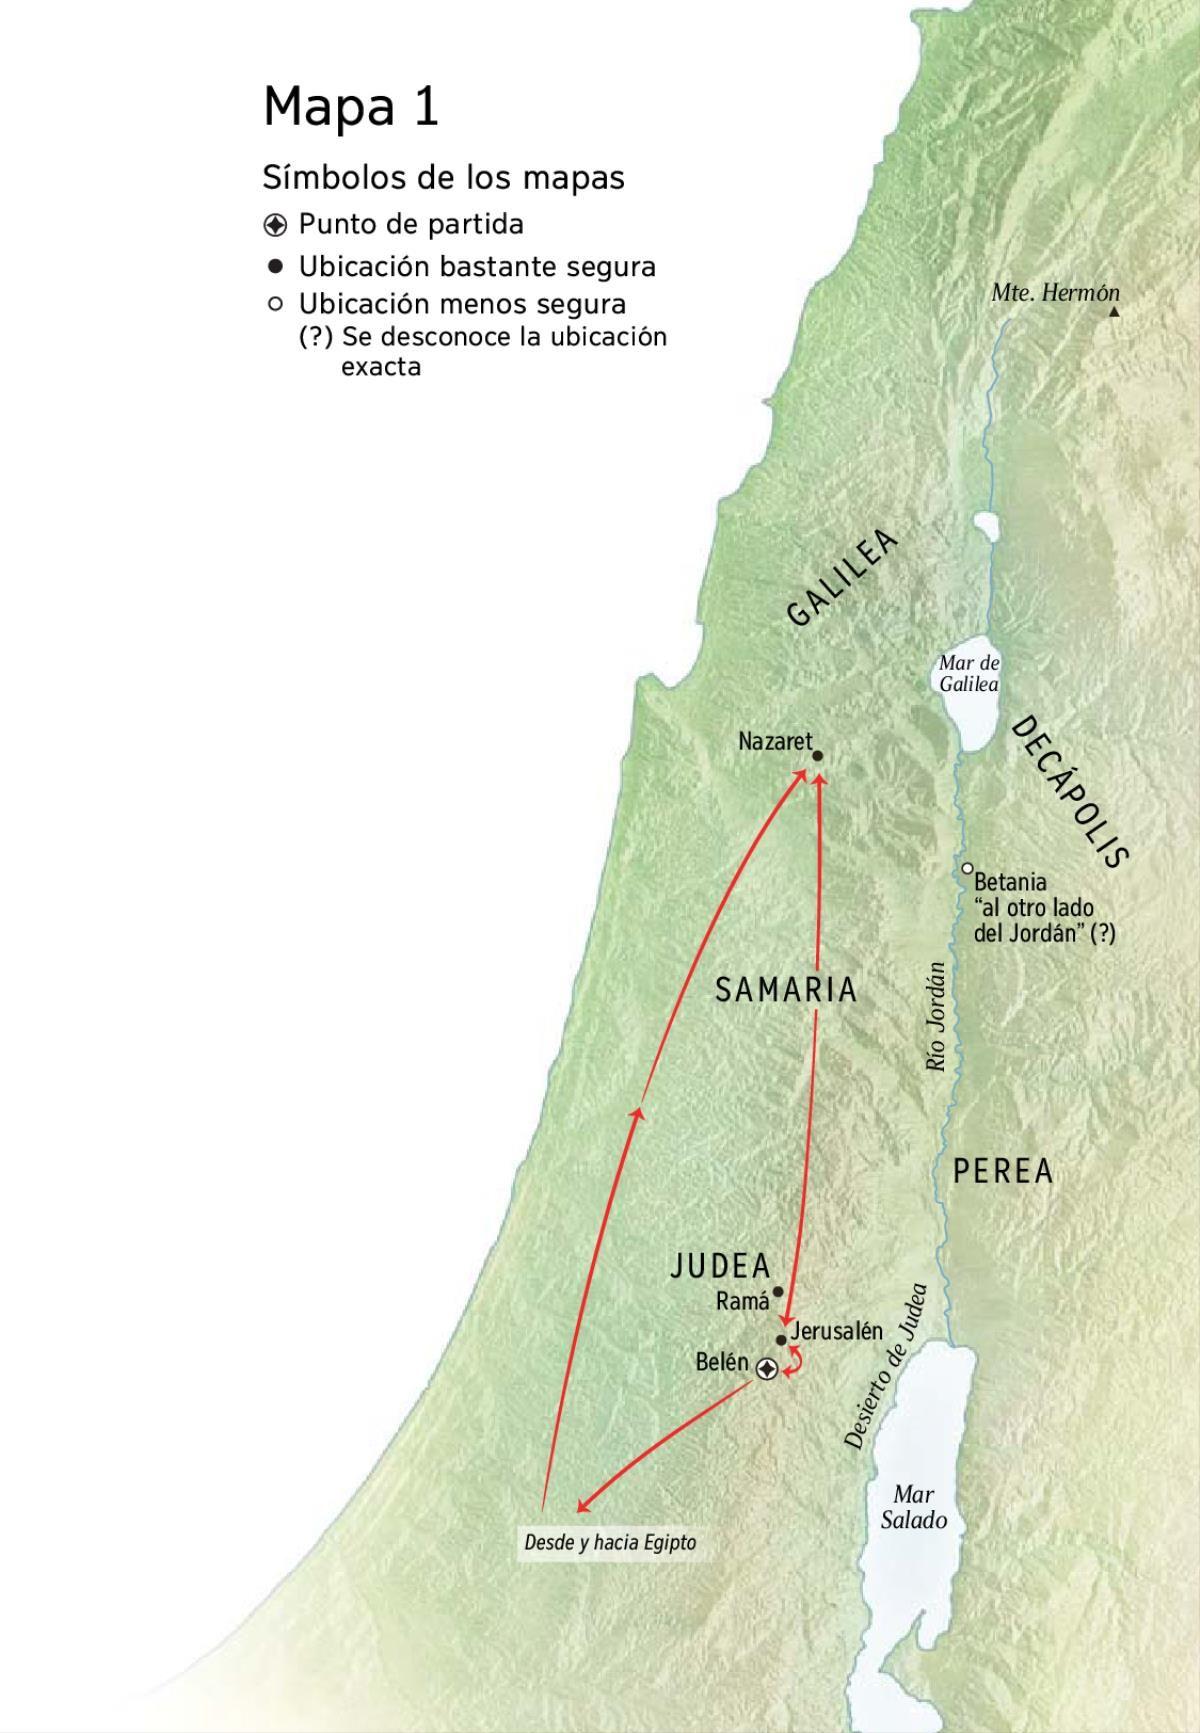 Mapa Con Lugares Relacionados Con La Vida De Jesús Como Belén Nazaret Y Jerusalén Estudios Bíblicos De Jesus Jesus De Nazaret